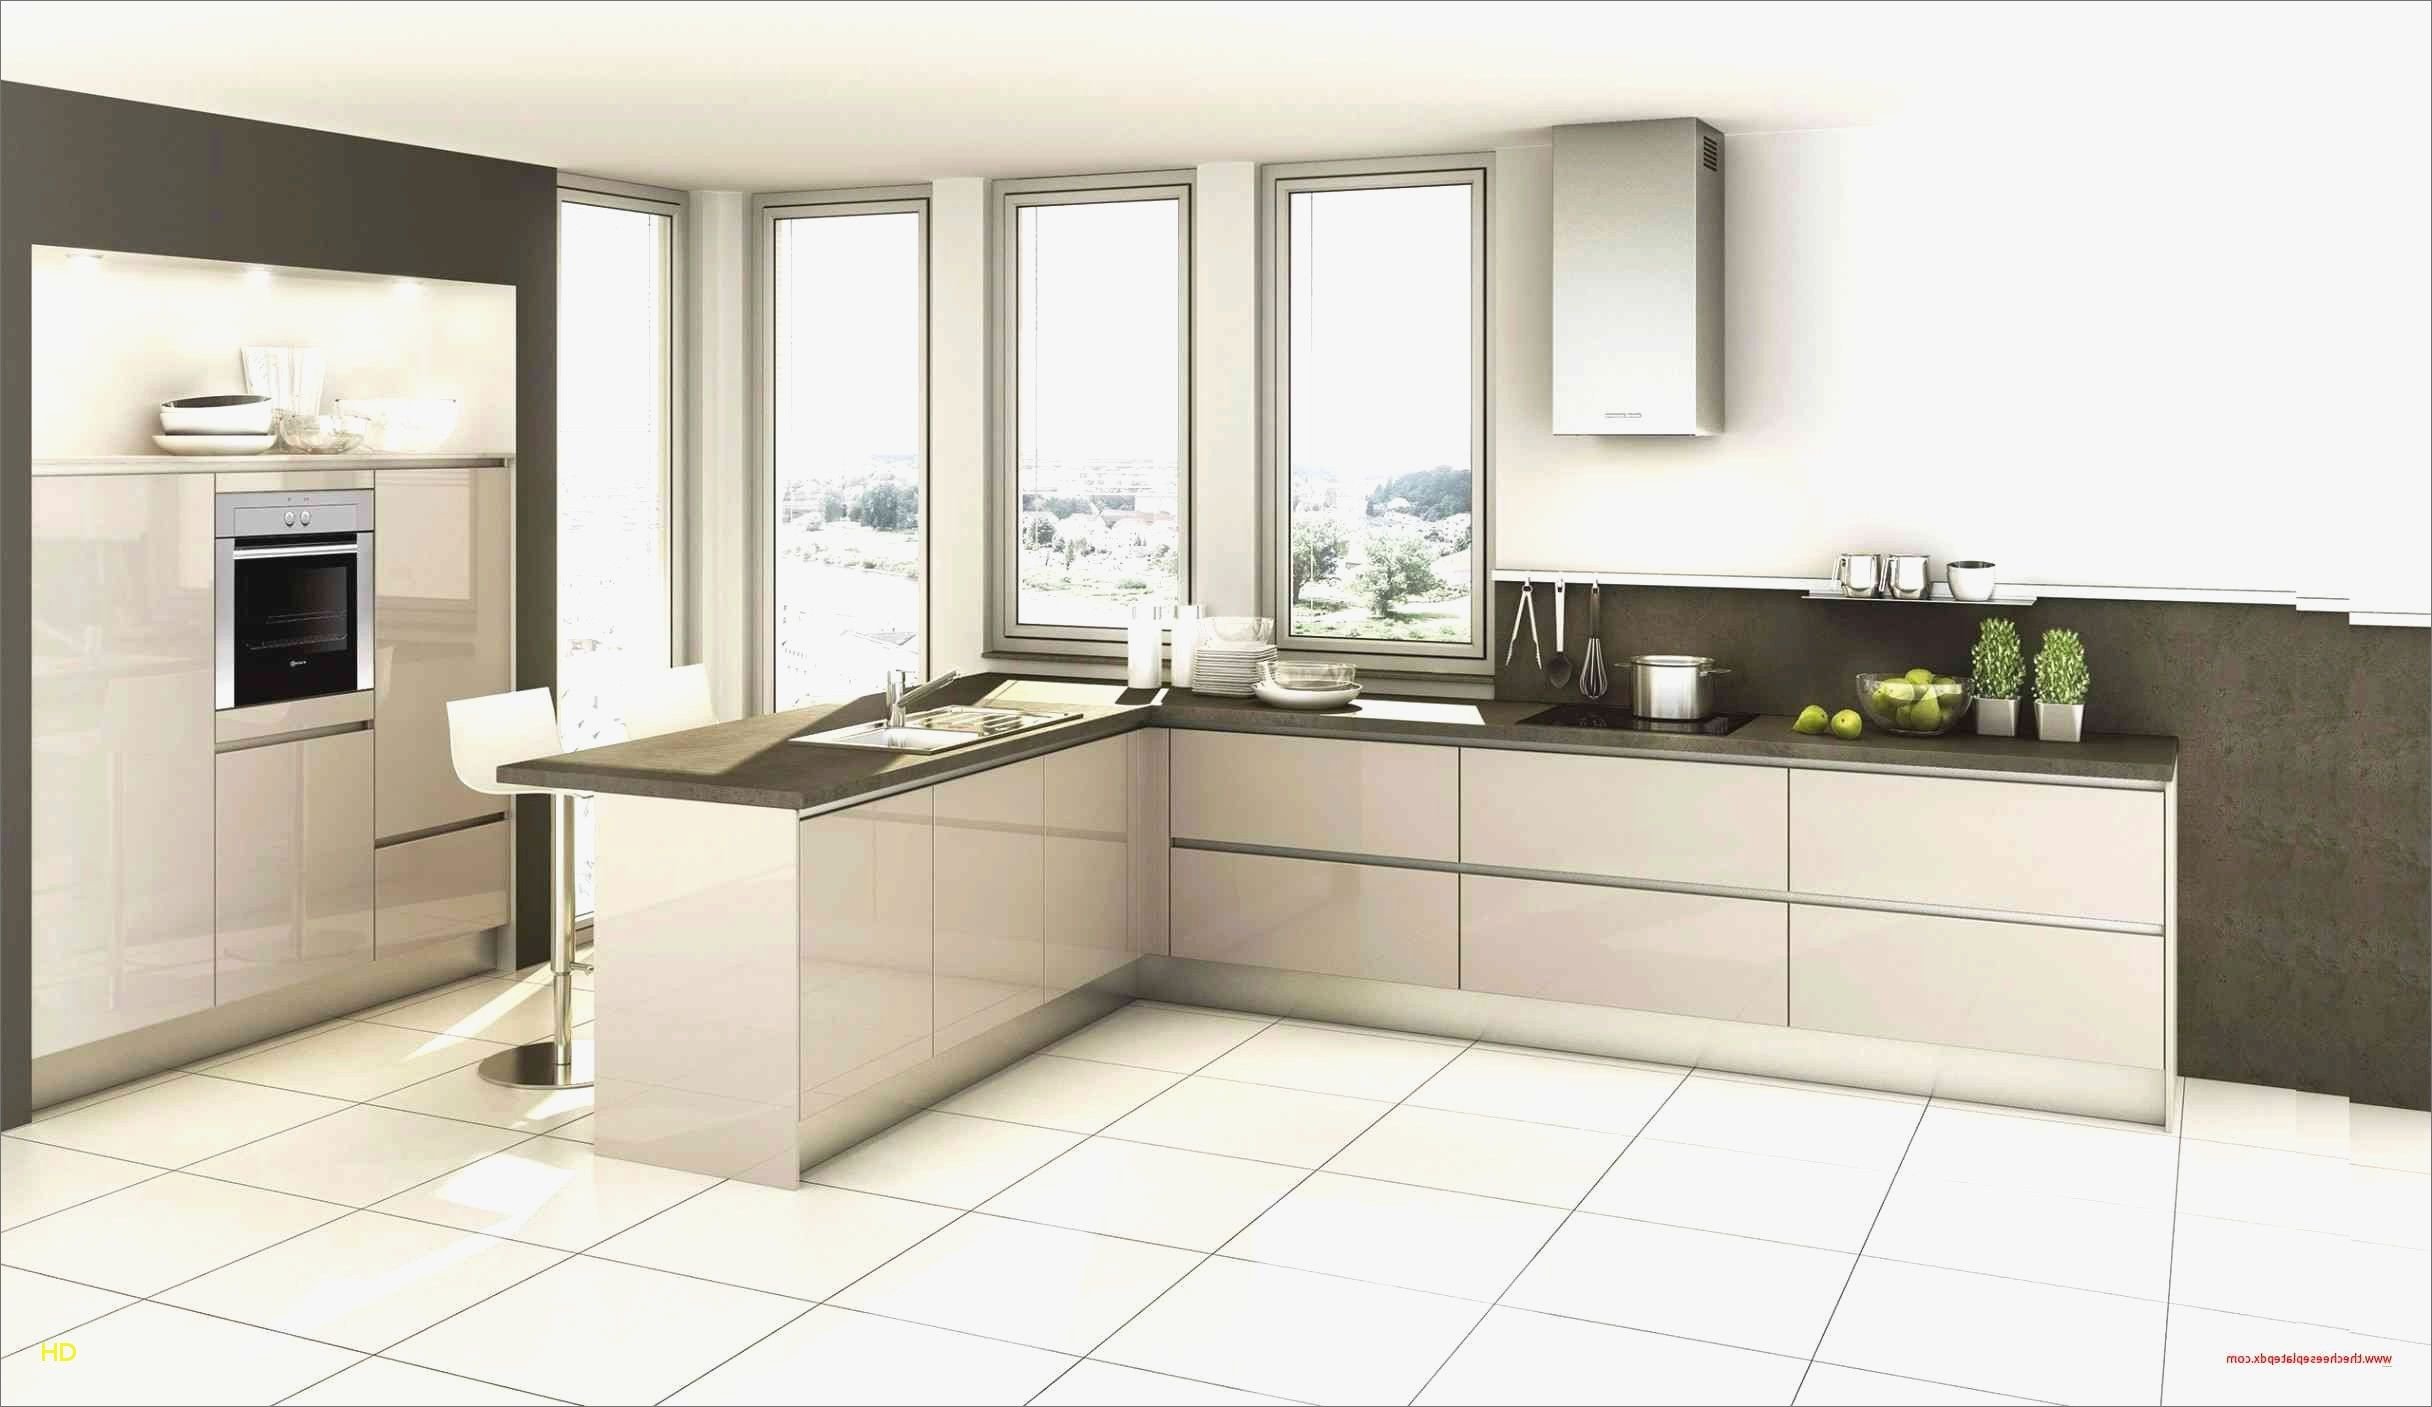 43 Genial Arbeitsplatte Kuche Preisvergleich Kitchen Remodel Kitchen Home Decor